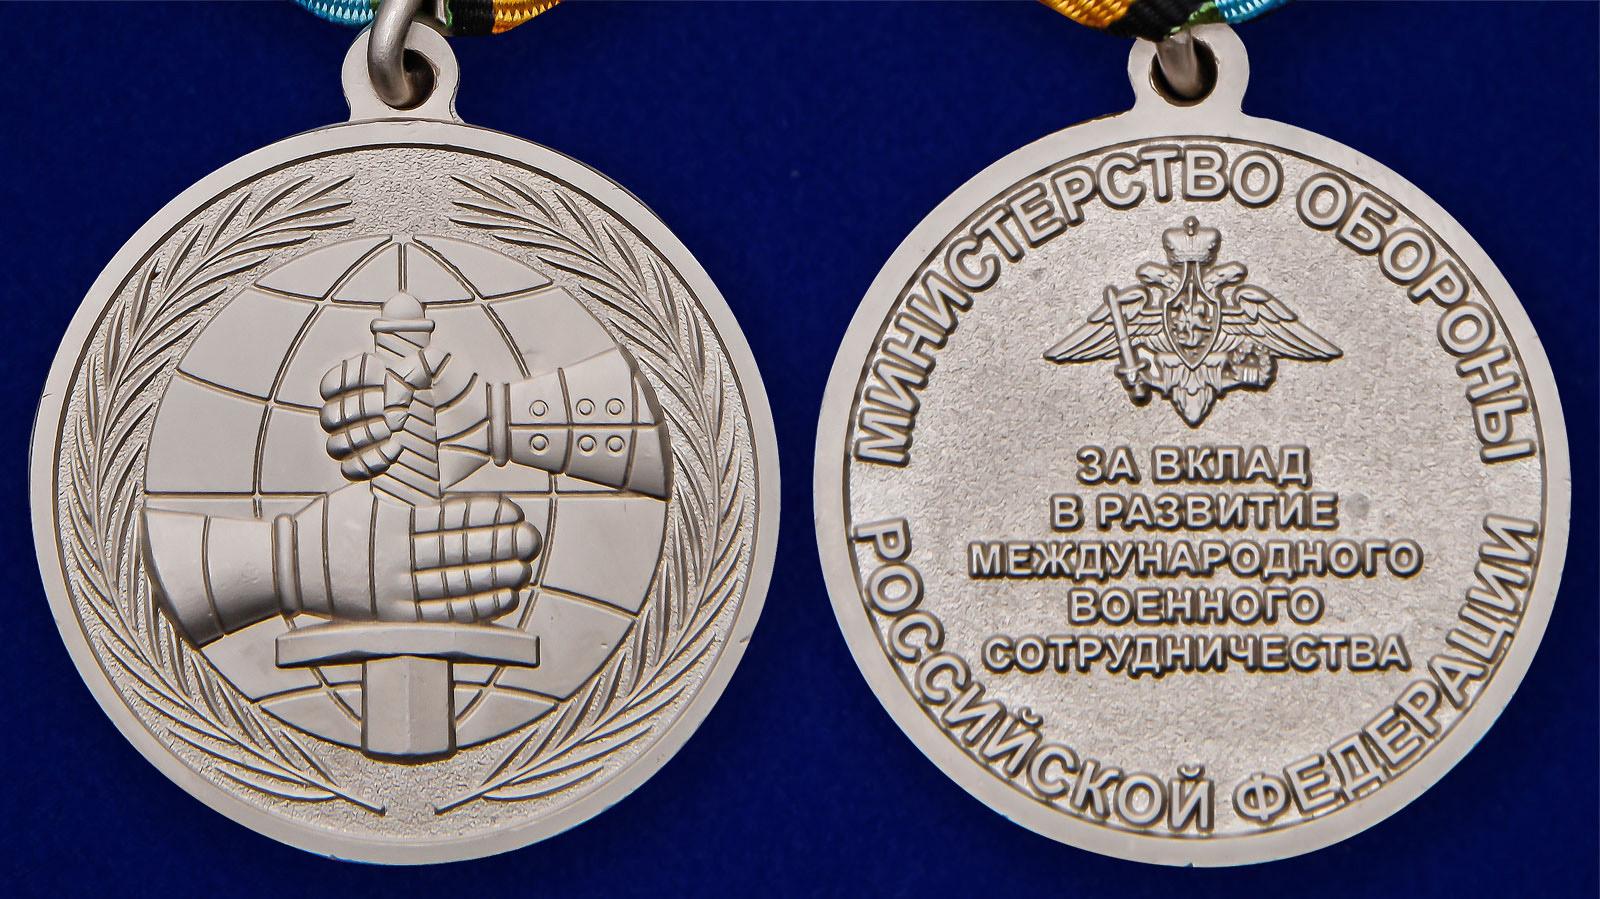 Медаль МО РФ За вклад в развитие международного военного сотрудничества - аверс и реверс